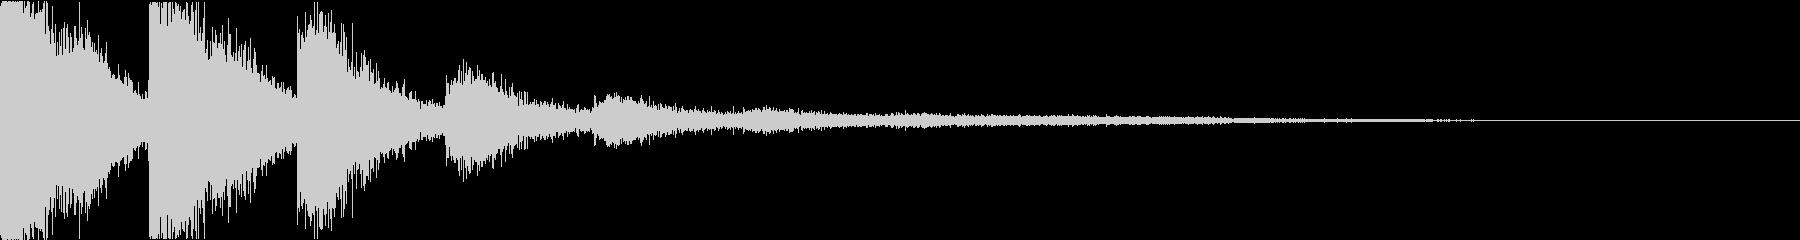 スネア:衝撃音・迫力・インパクトgの未再生の波形